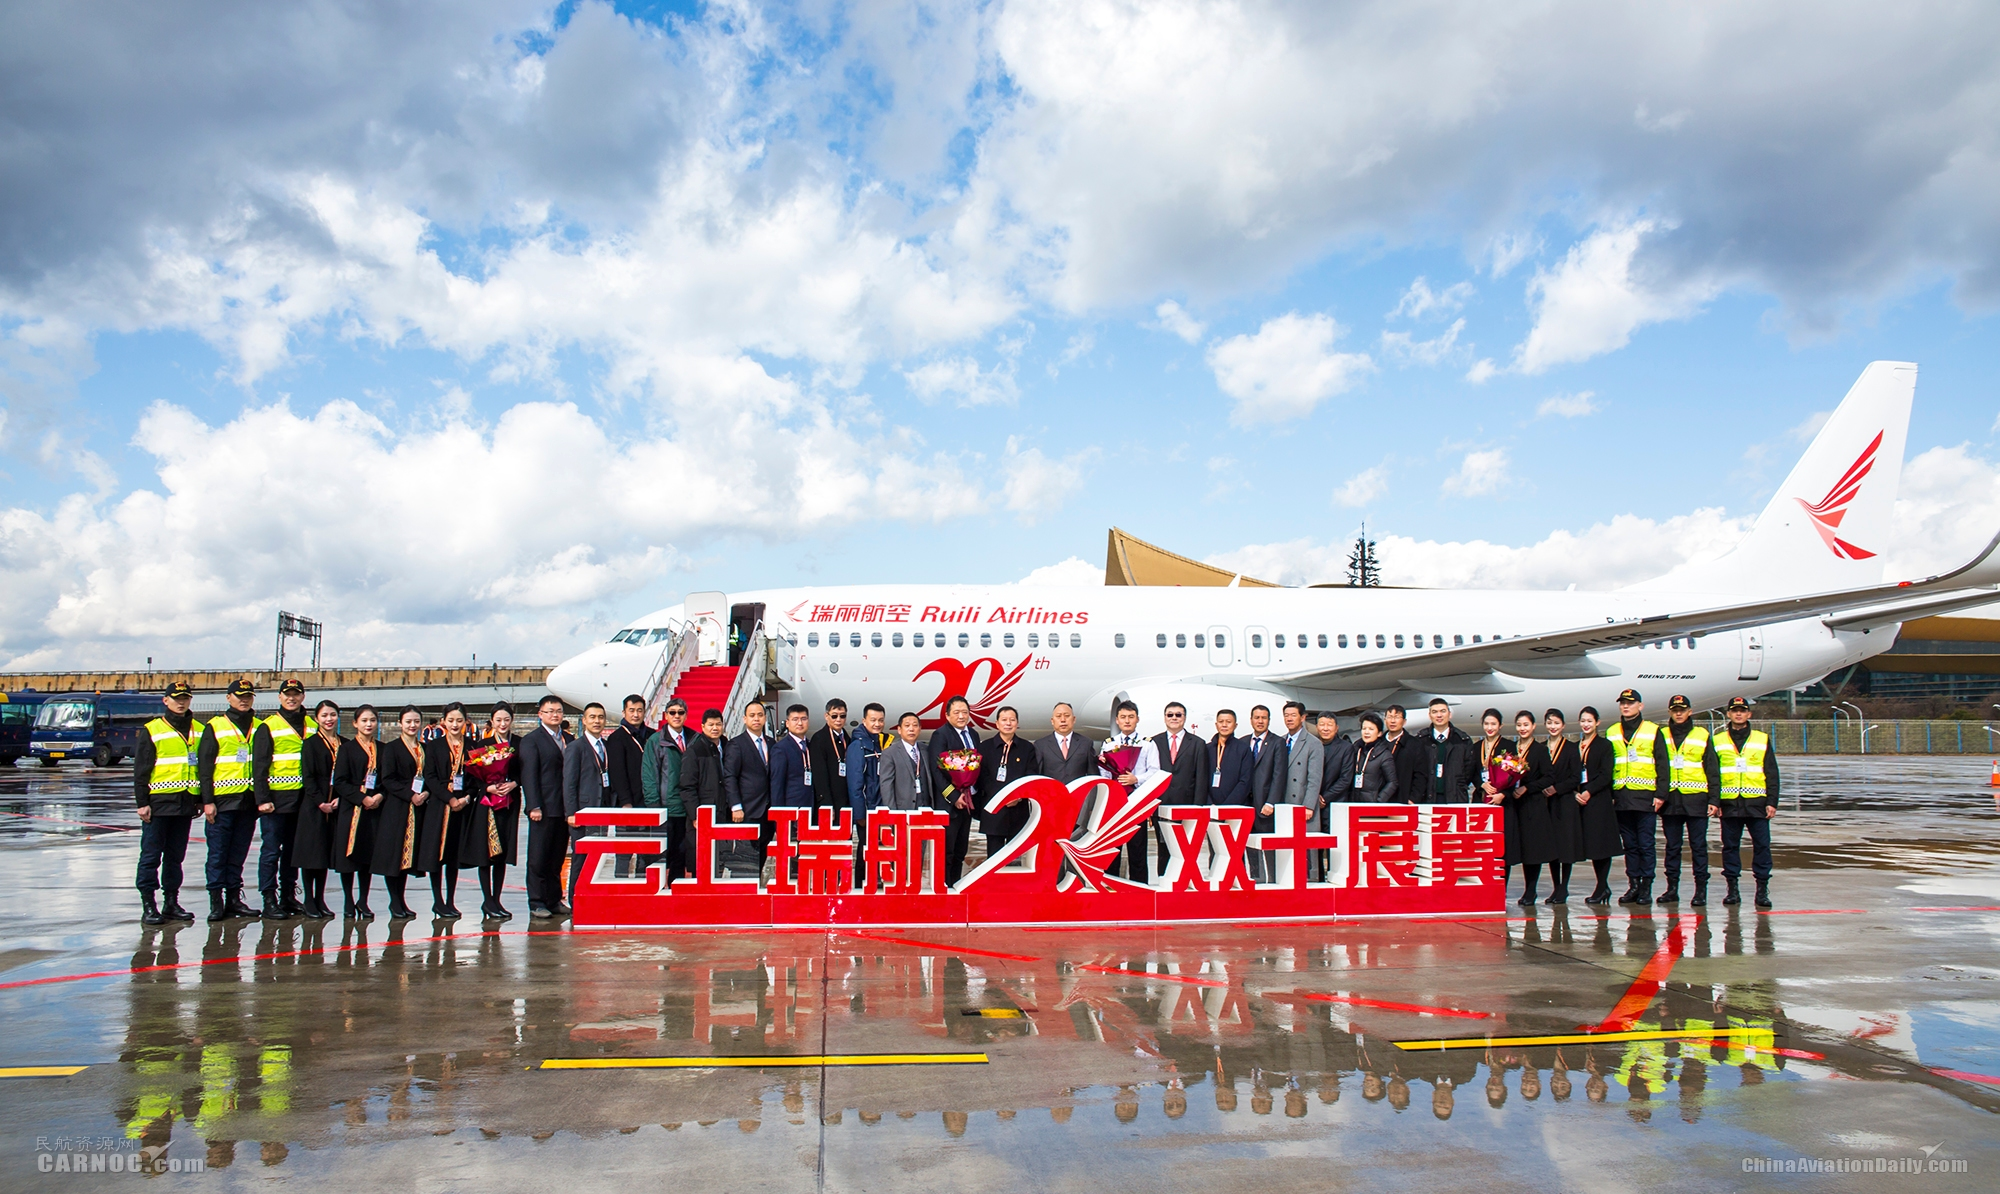 瑞丽航空机队规模达20架 正式成IATA会员